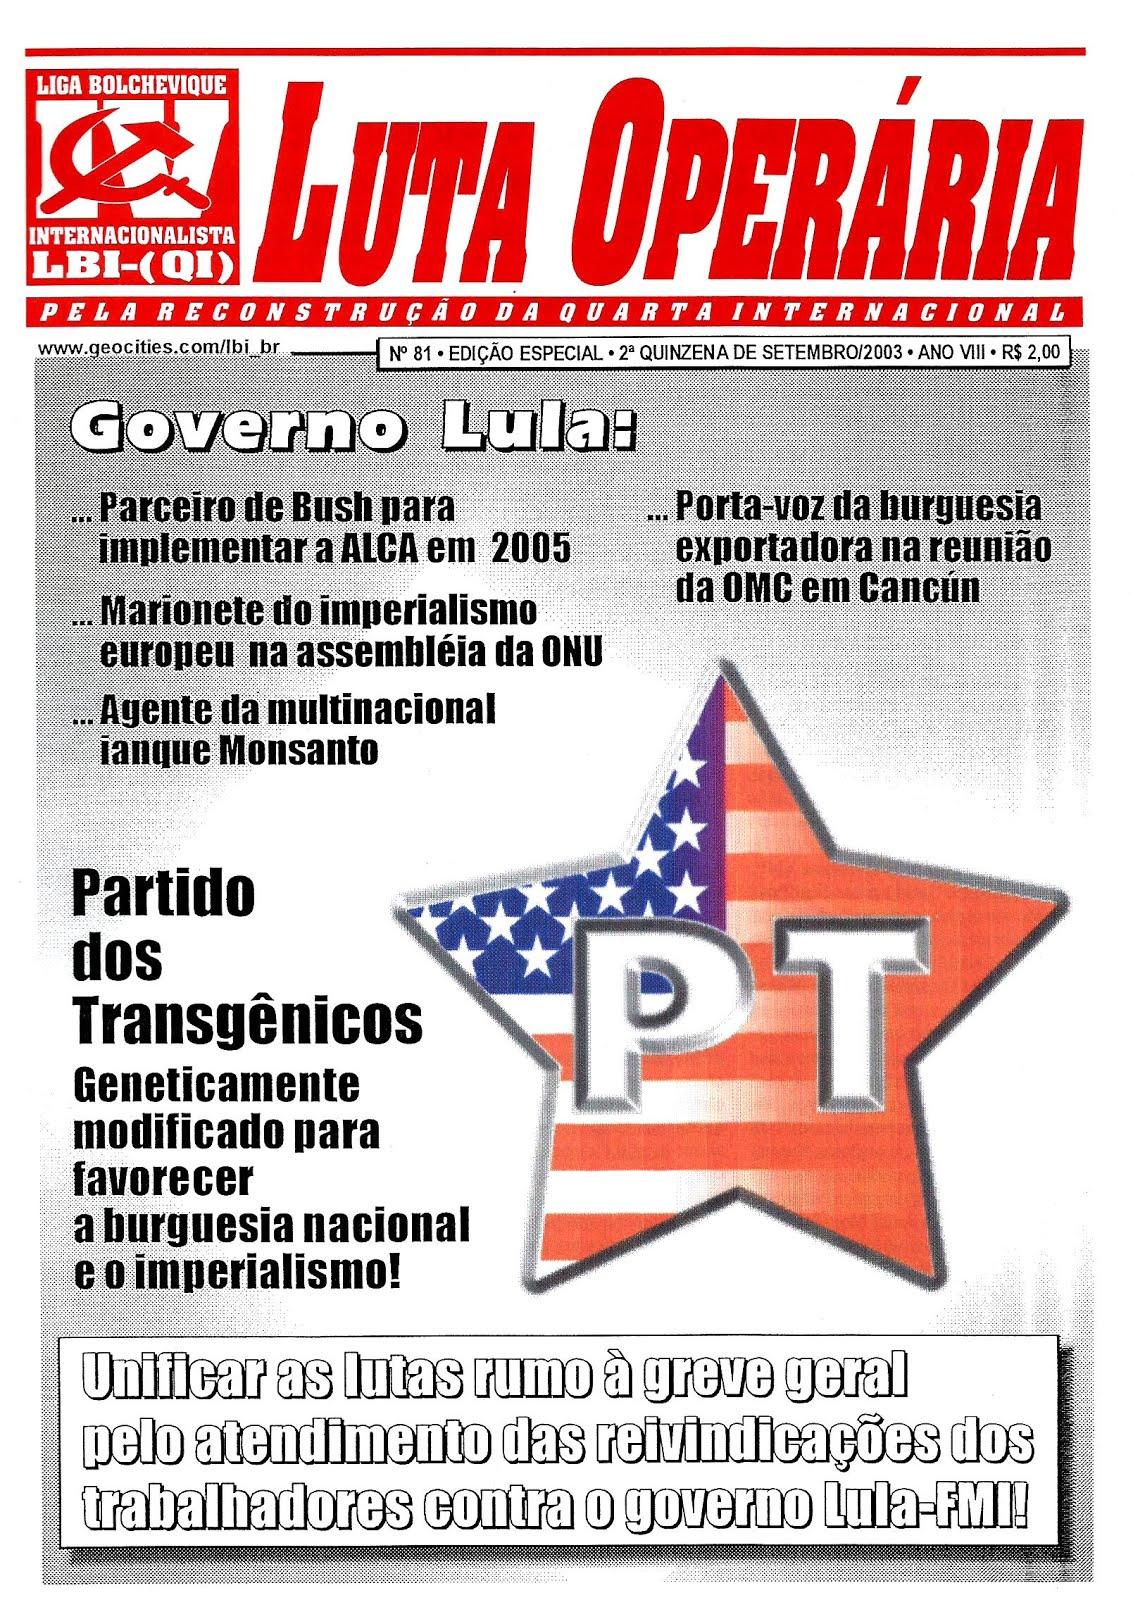 LEIA A EDIÇÃO DO JORNAL LUTA OPERÁRIA Nº 81, 2ª QUINZ. DE SETEMBRO/2003